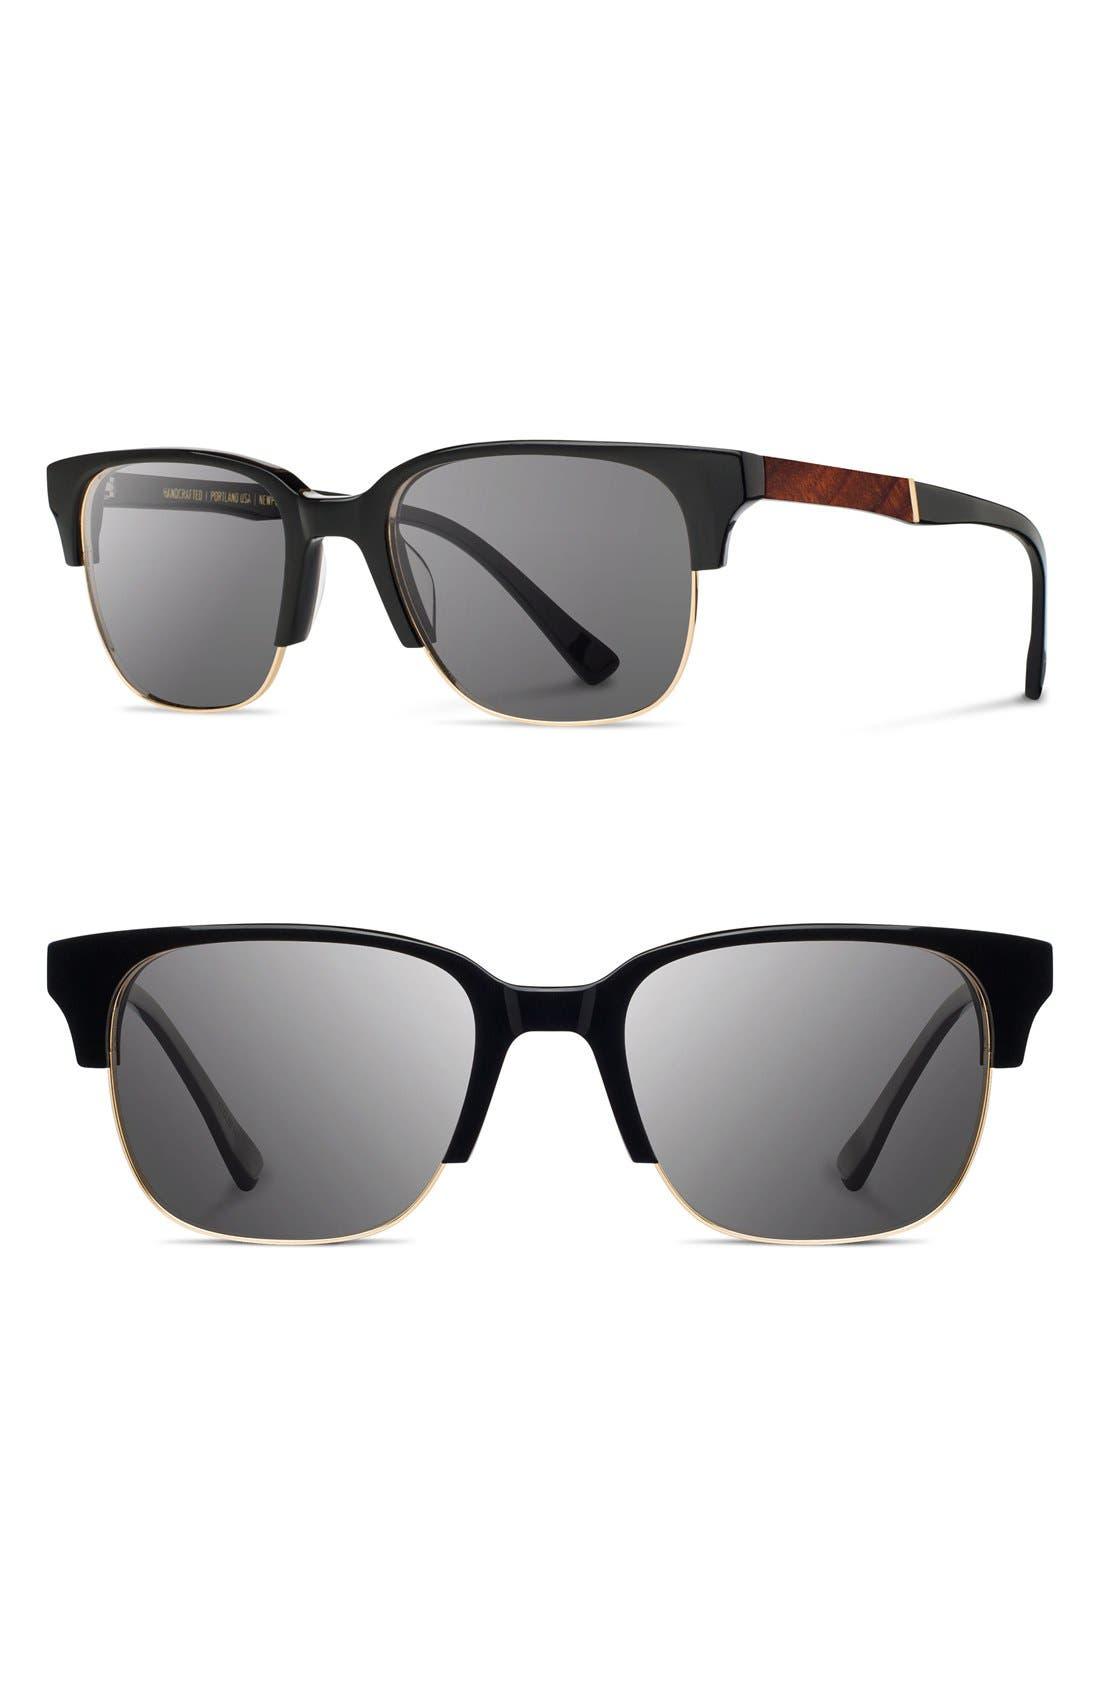 Shwood 'Newport' Sunglasses